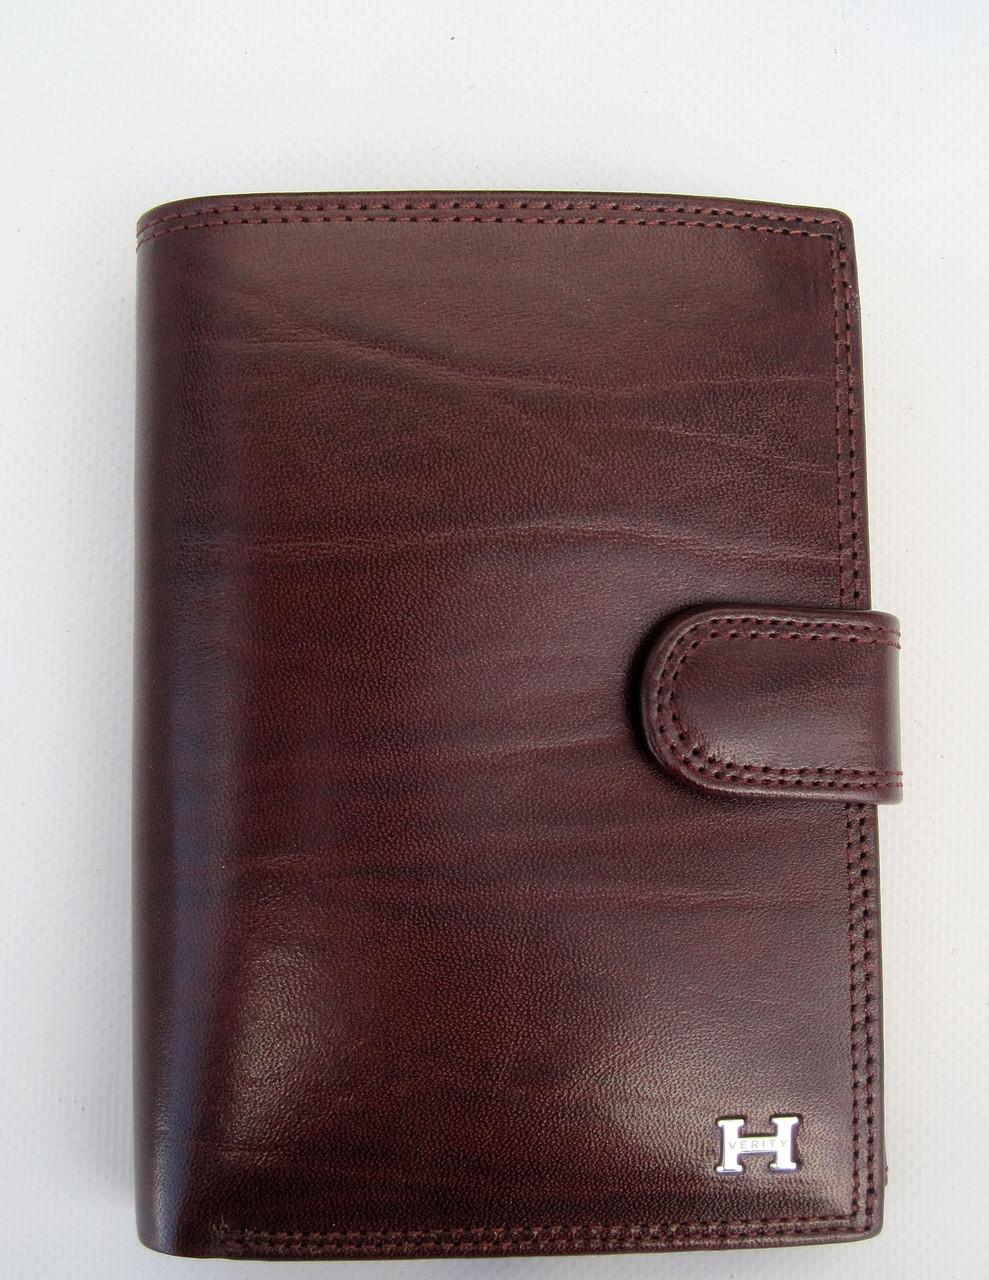 Мужское кожаное портмоне VERITY VE-025-21 winered кожаное портмоне и кожаные кошельки оптом